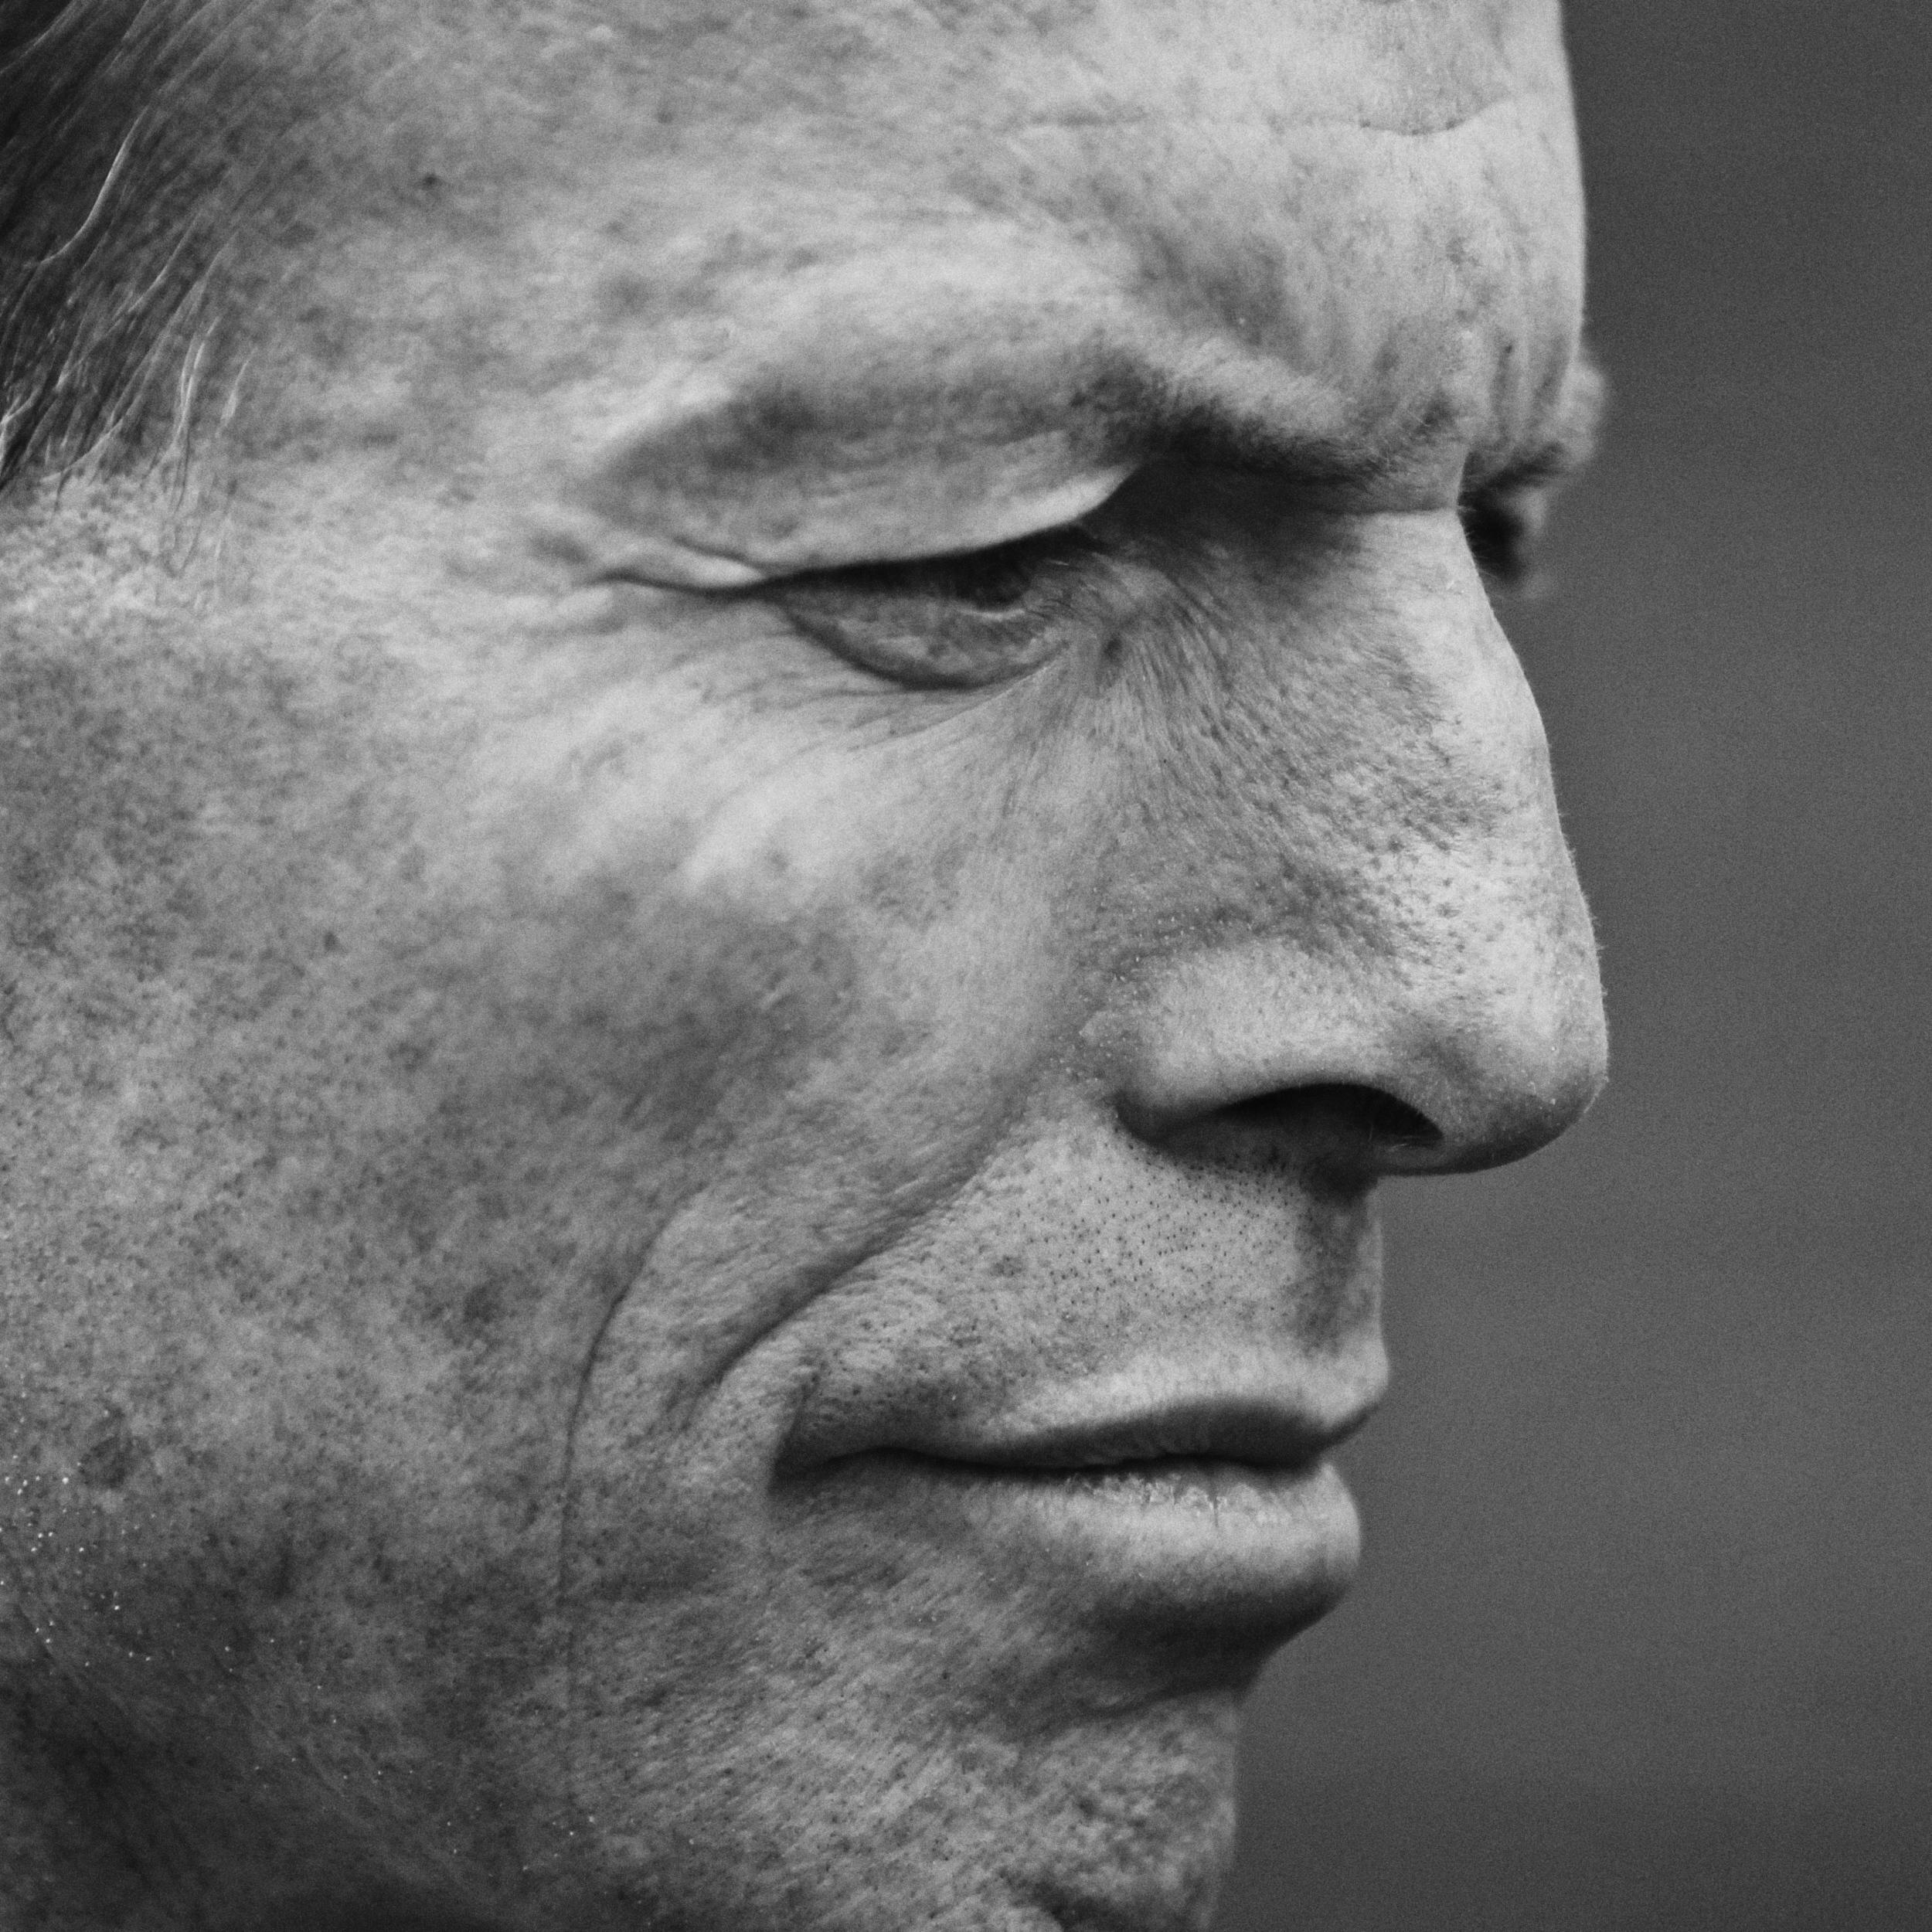 Tony Abbott by Simon Bennett